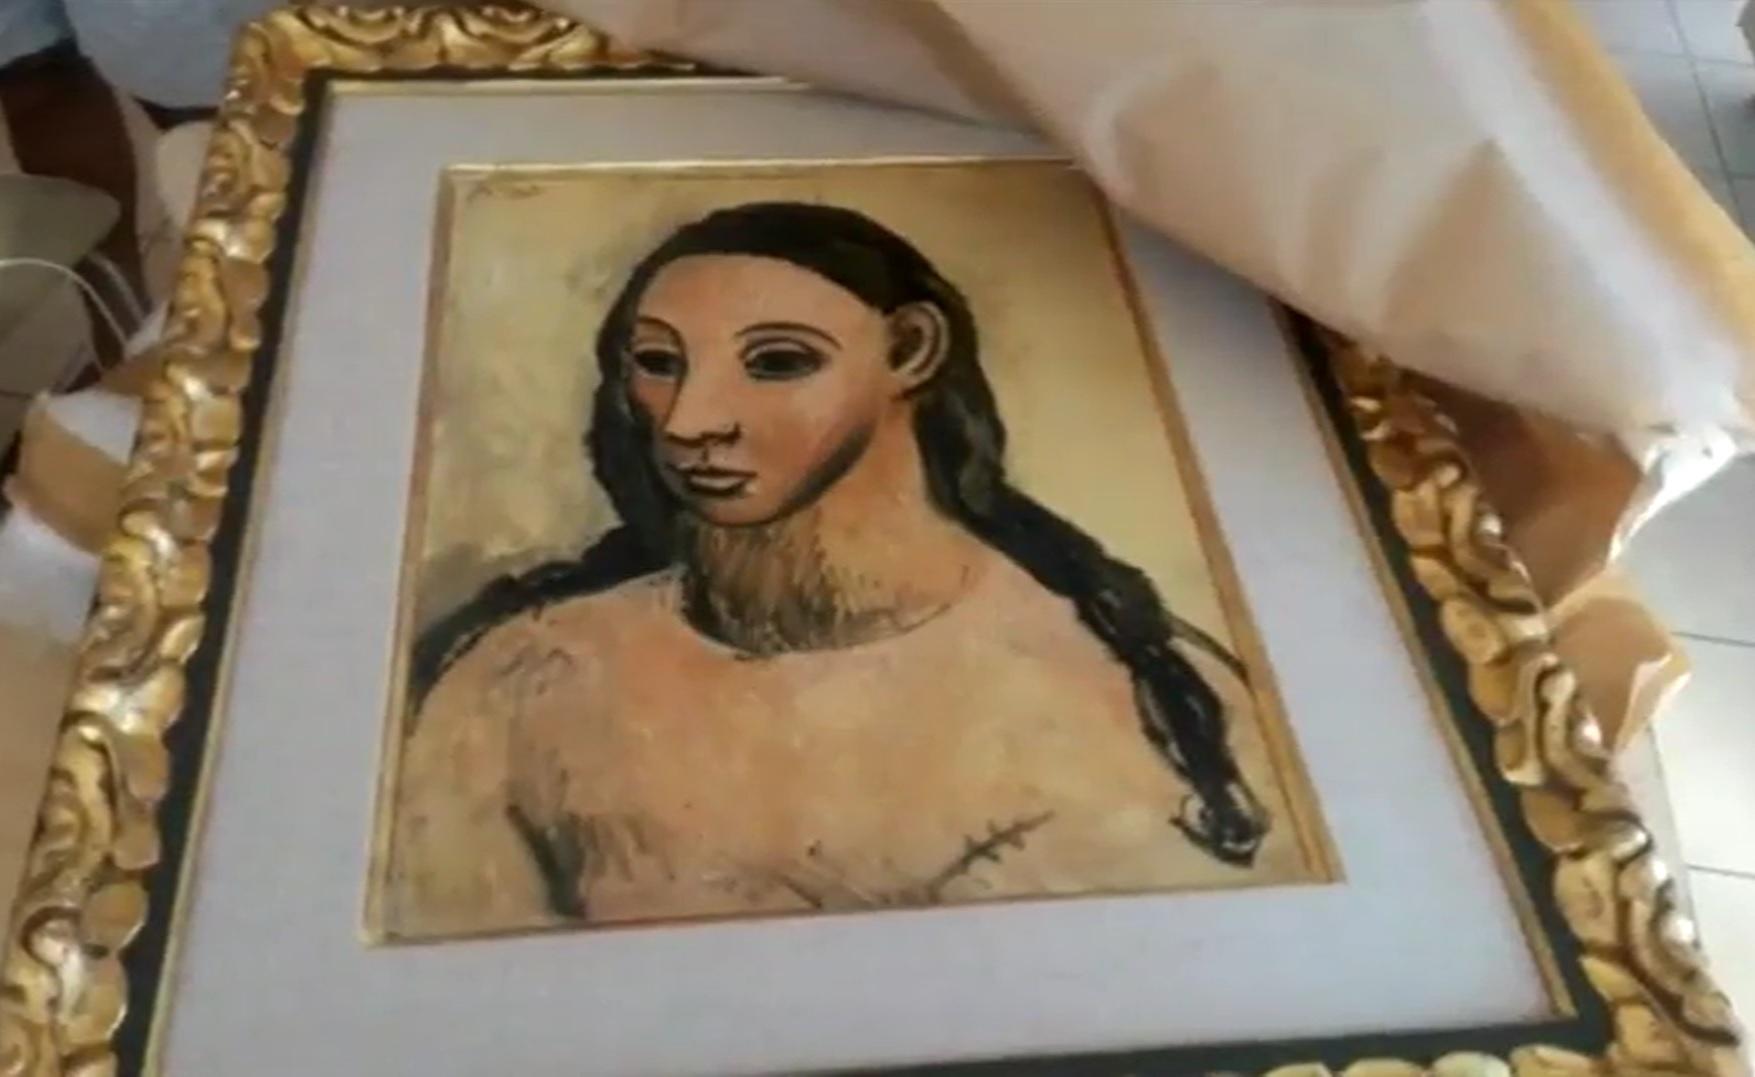 Másfél évet kapott a spanyol bankár, aki Picasso-festményt akart külföldre csempészni